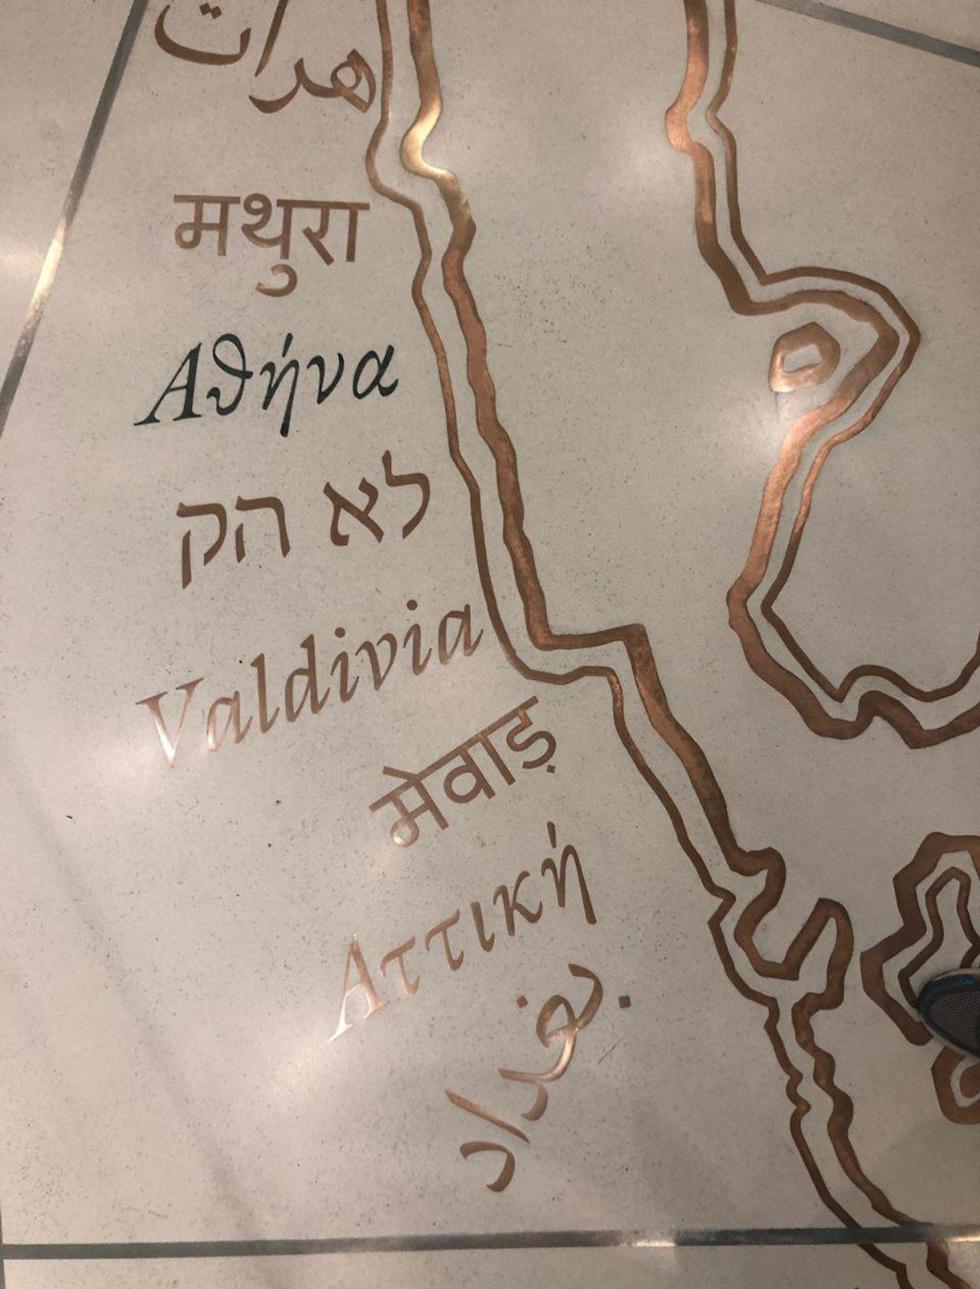 אותיות עברית מוזיאון לובר הלובר אבו דאבי איחוד האמירויות (צילום: רקפת זלשיק)